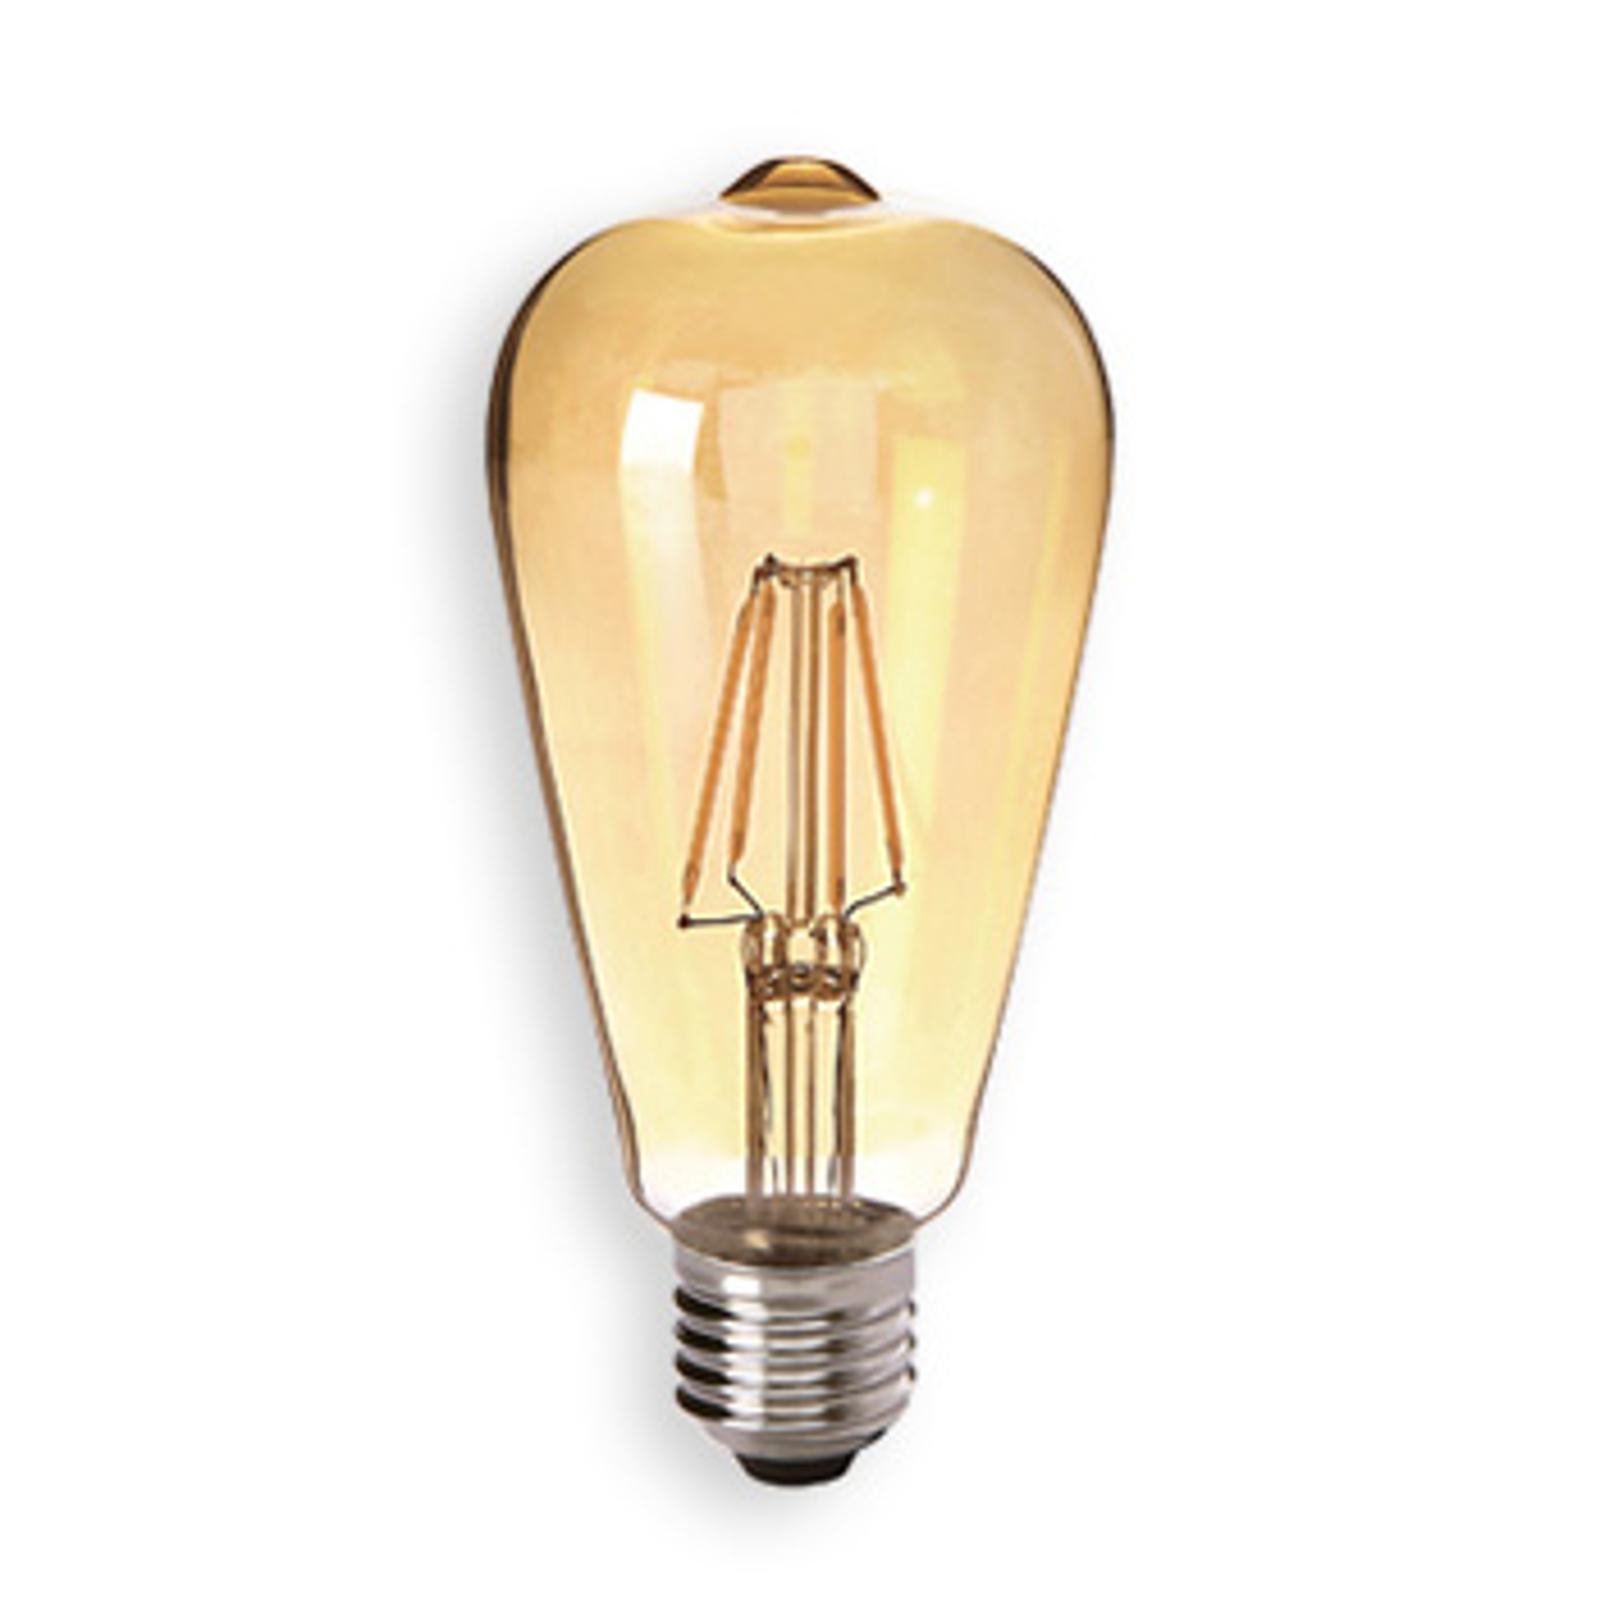 Lampadina LED Rustika 824 E27 4,5W oro, chiara